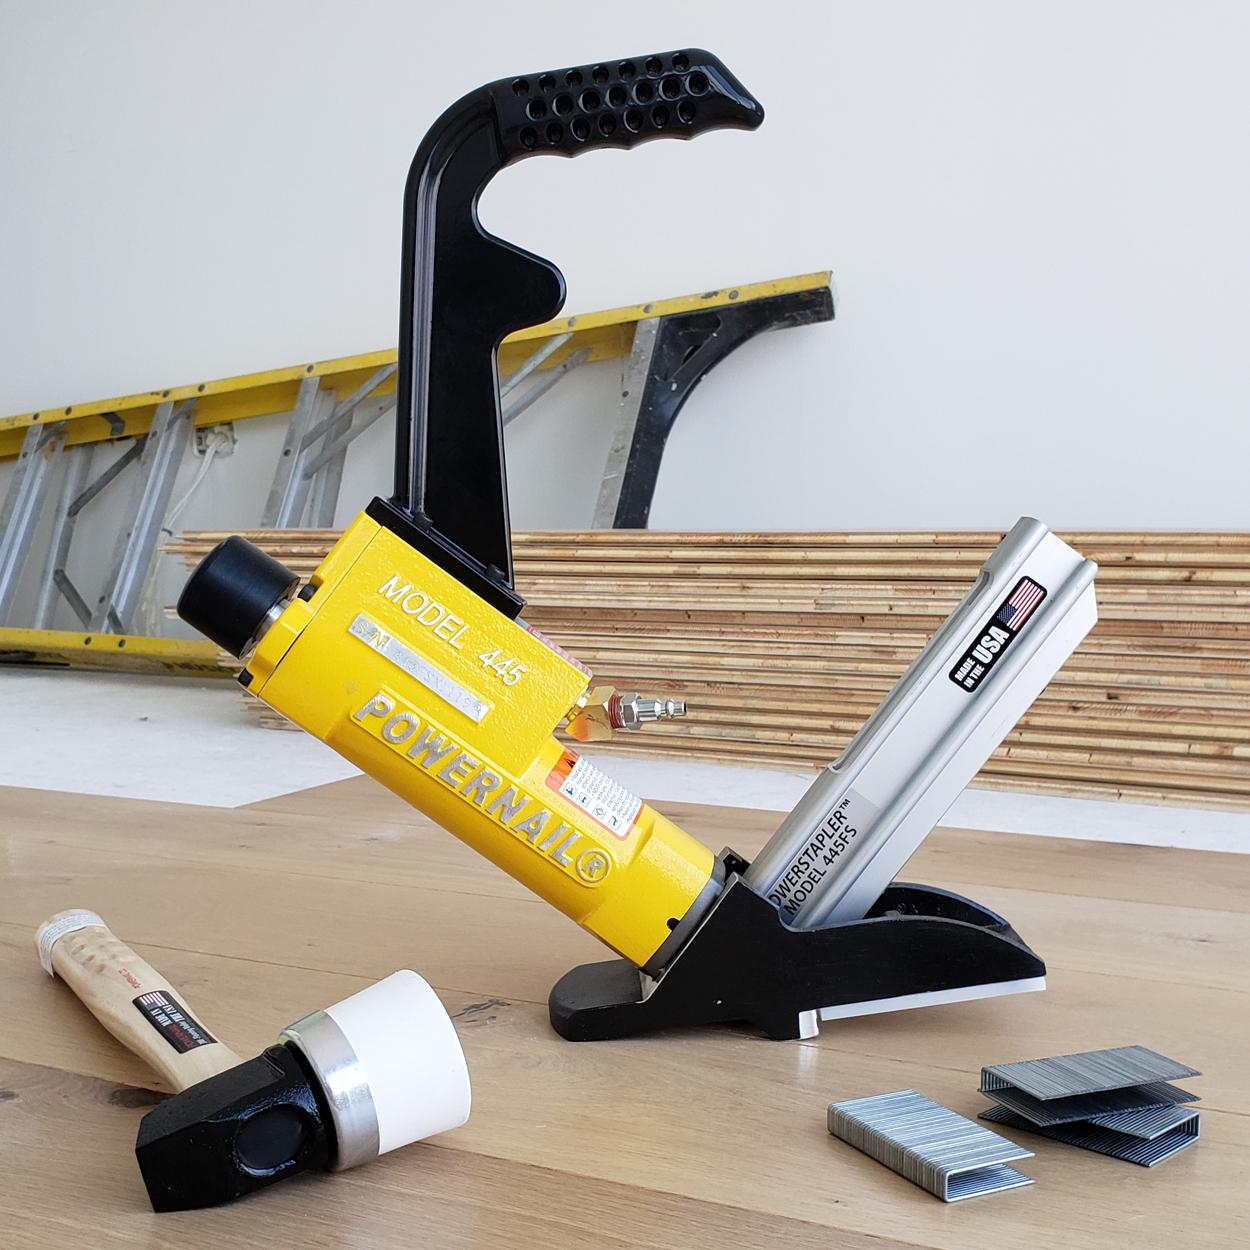 Powernail Model 445FS 15.5 Gauge Hardwood Flooring Stapler